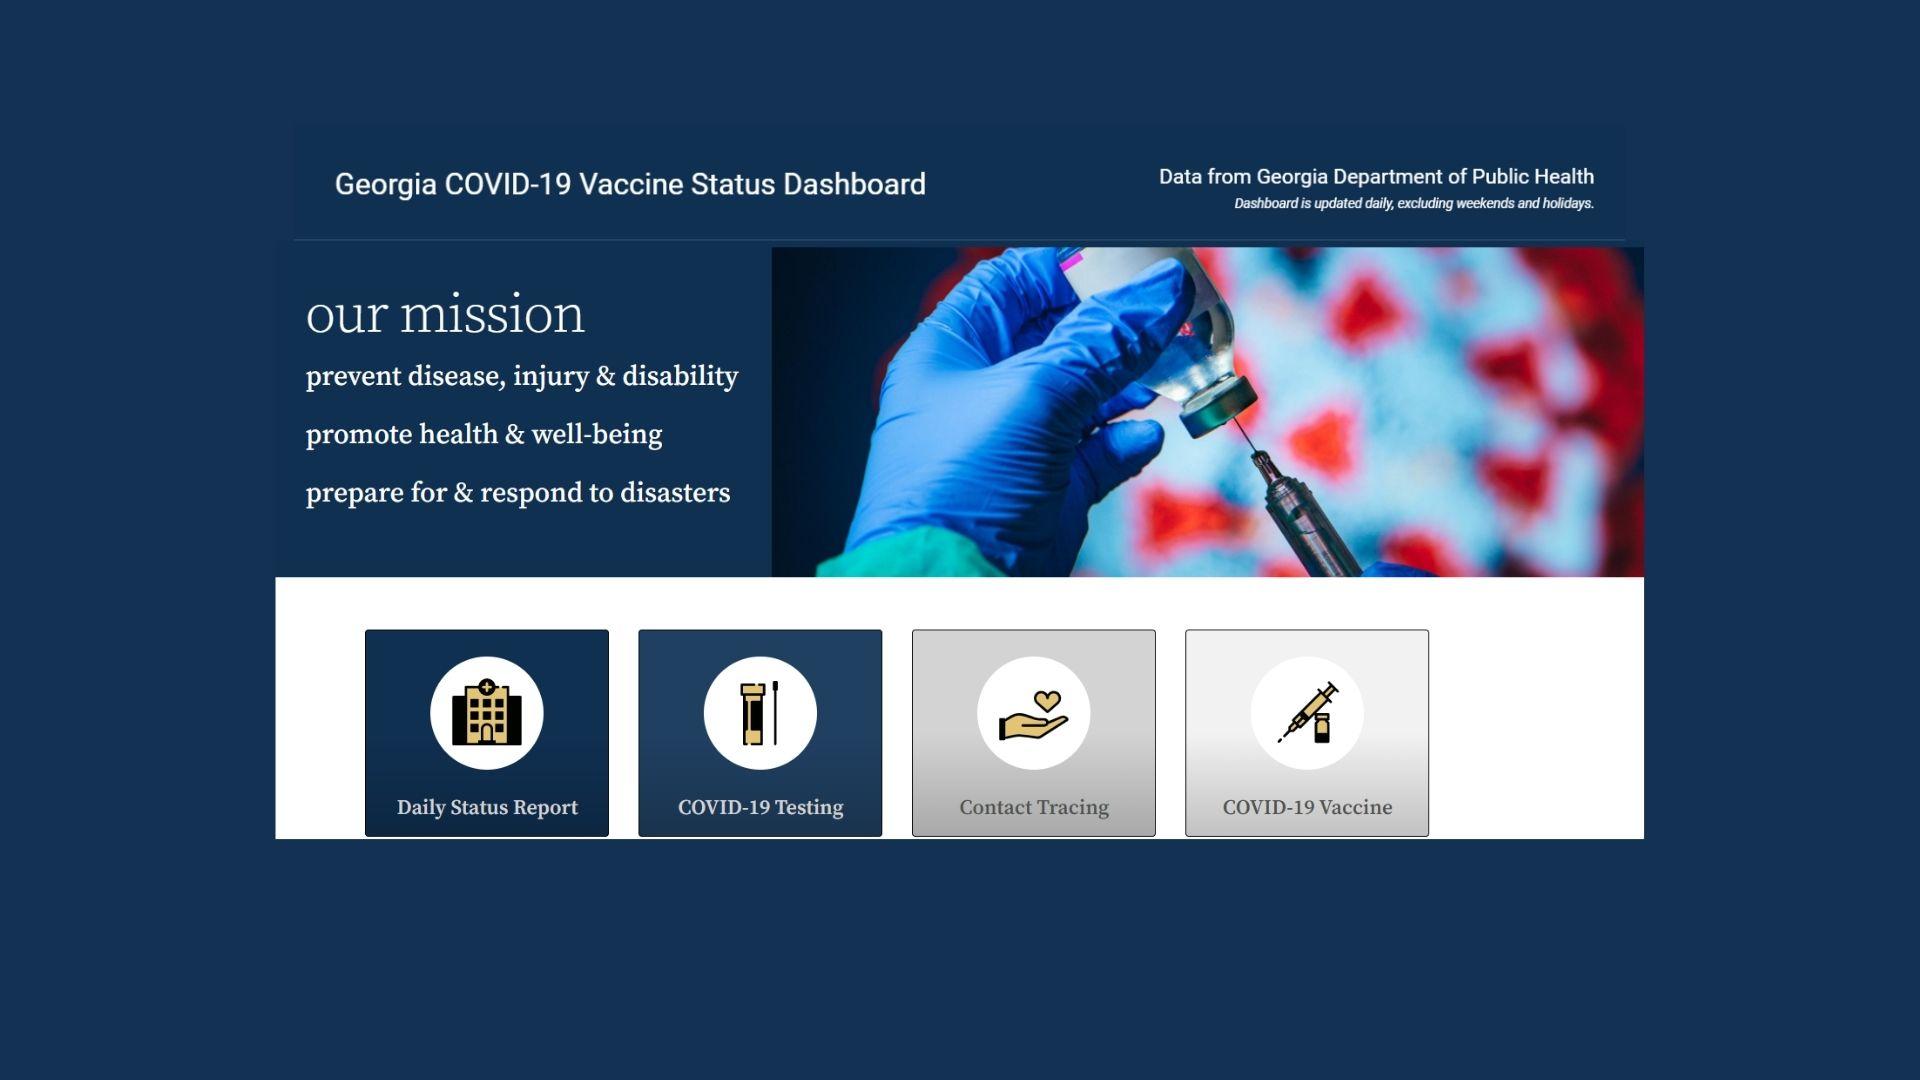 Georgia DPH Launches Vaccine Dashboard